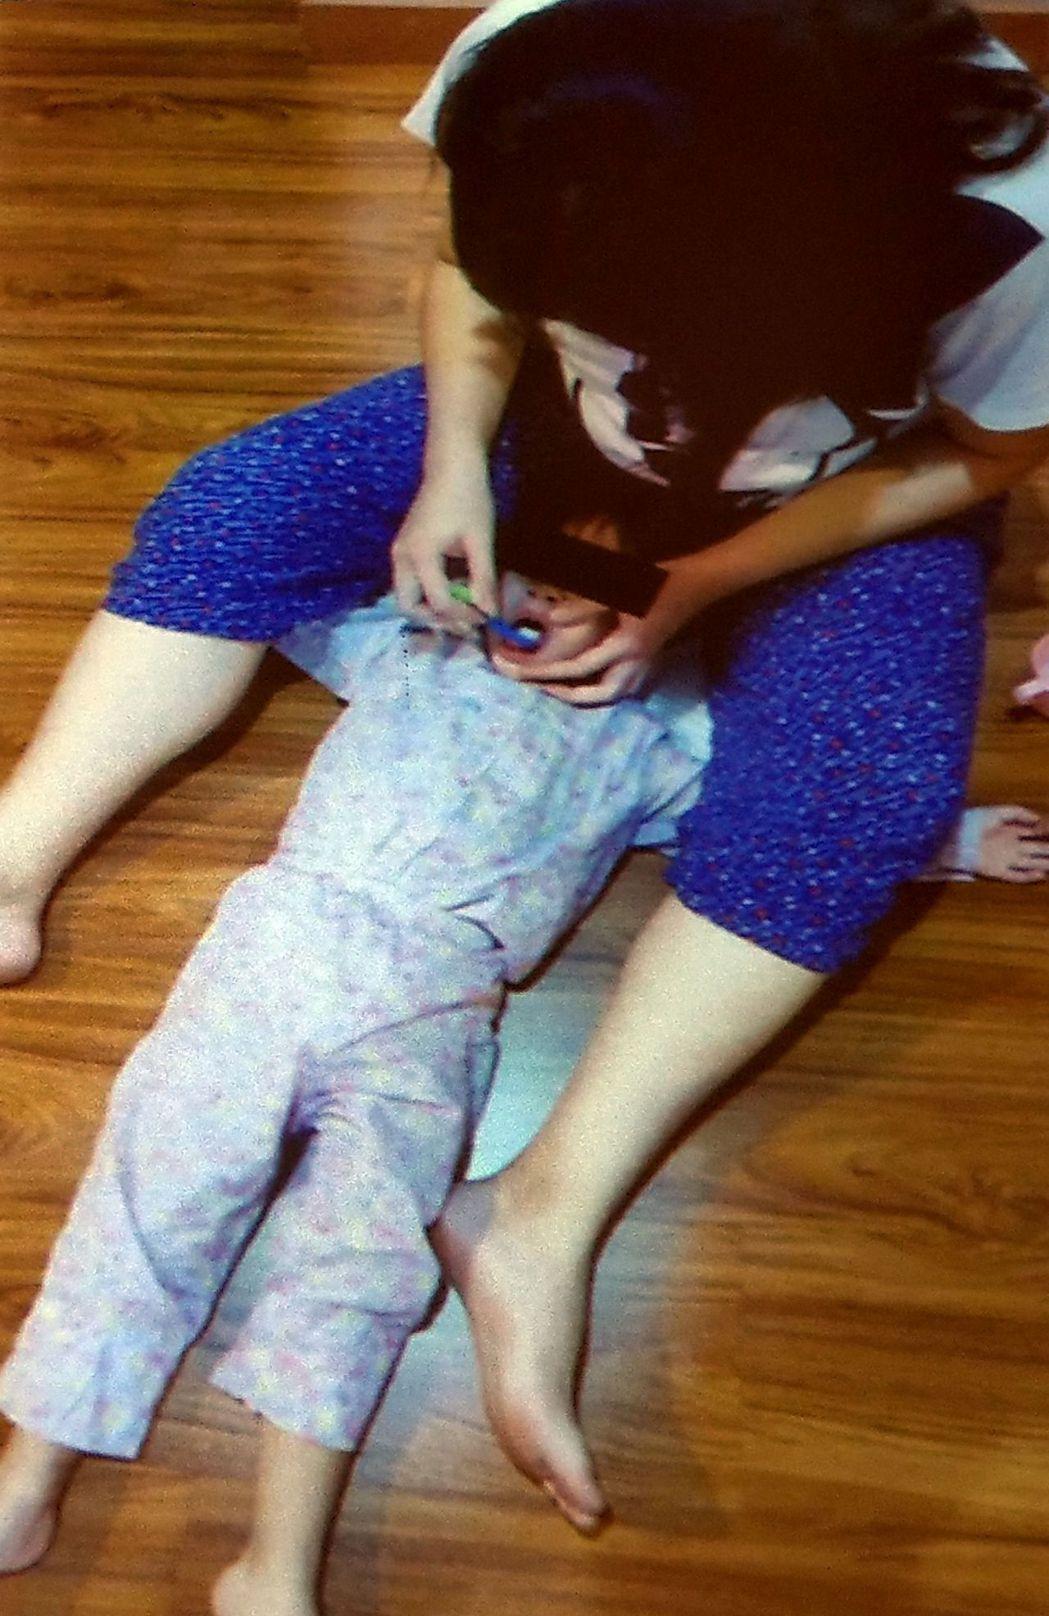 醫師洪仲銳說明,幫3歲以下孩子刷牙,家長可用腳固定孩子手,確實幫孩子刷牙。圖/洪...